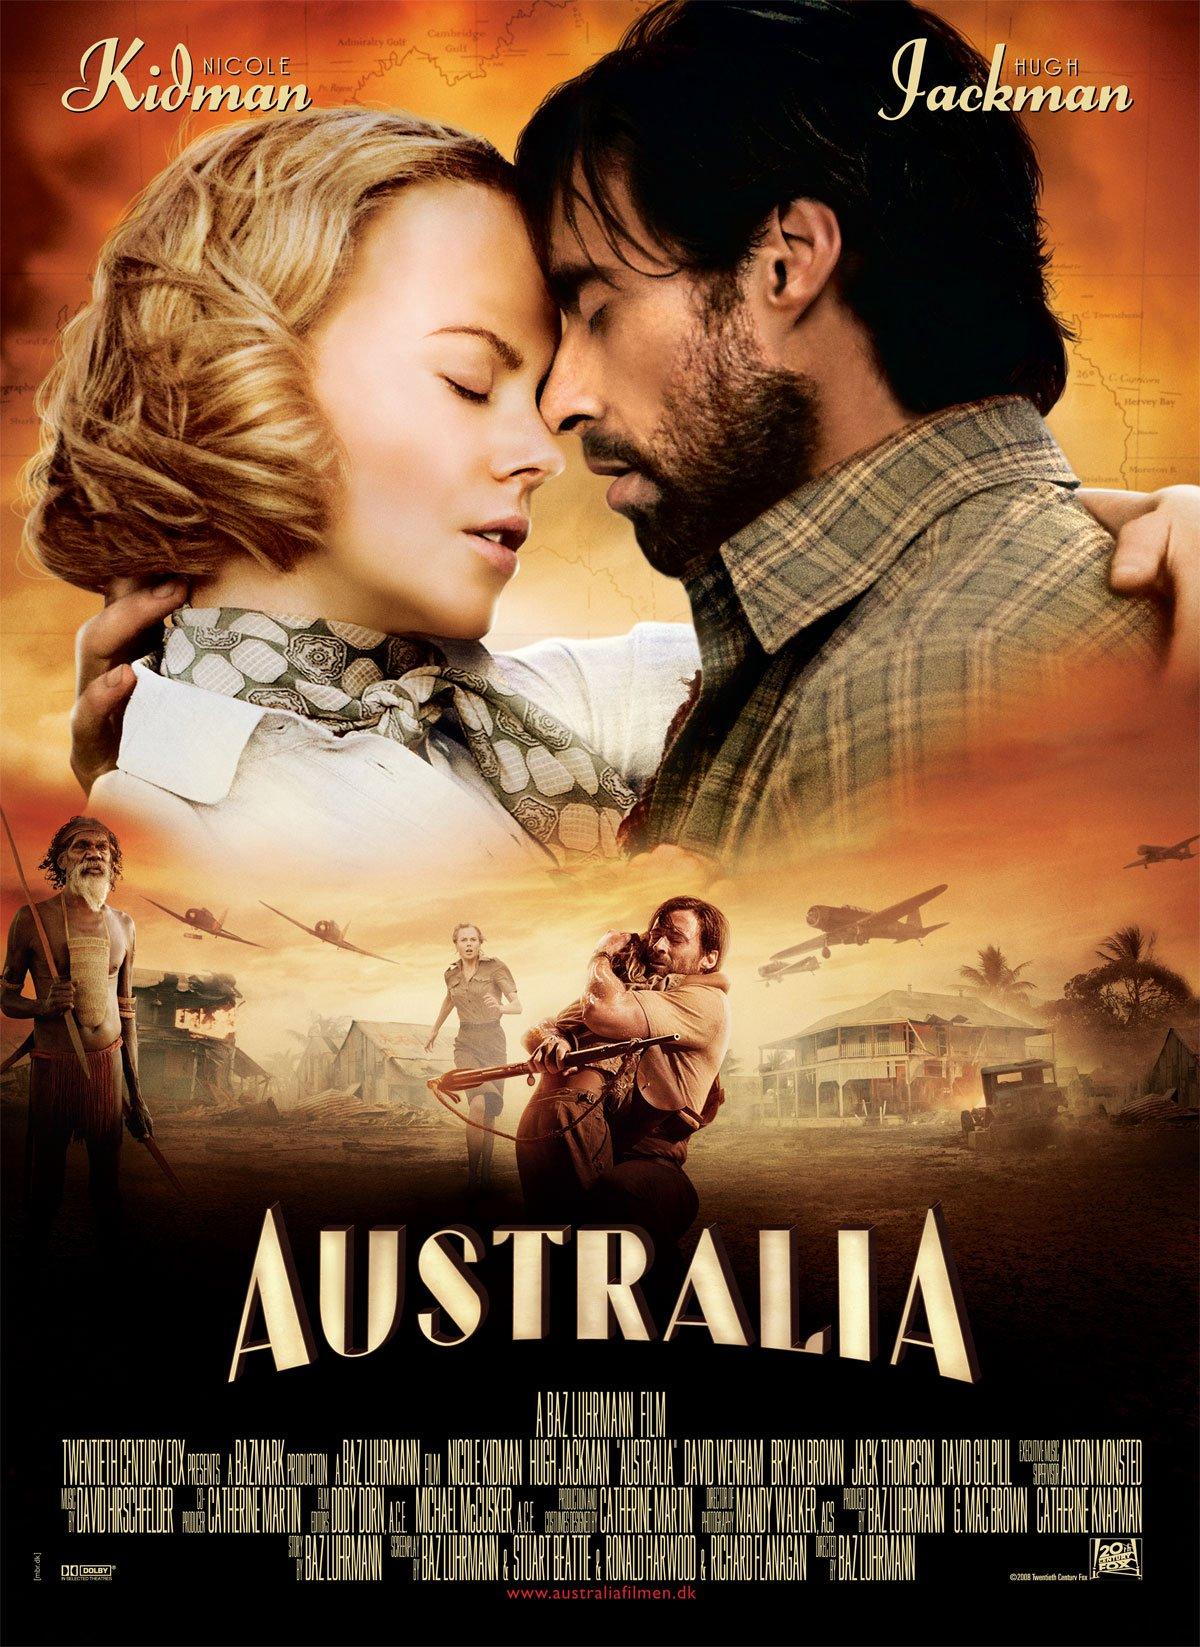 australia_2008_3403_poster.jpg